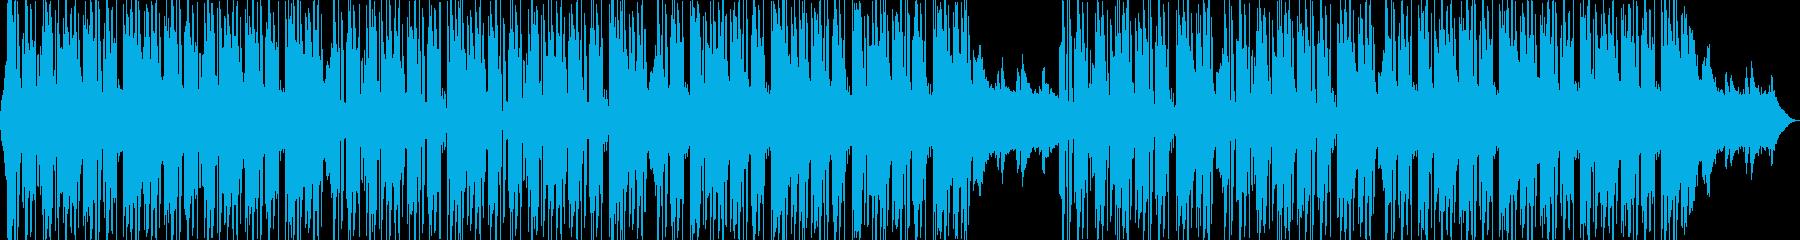 切ないR&Bの再生済みの波形